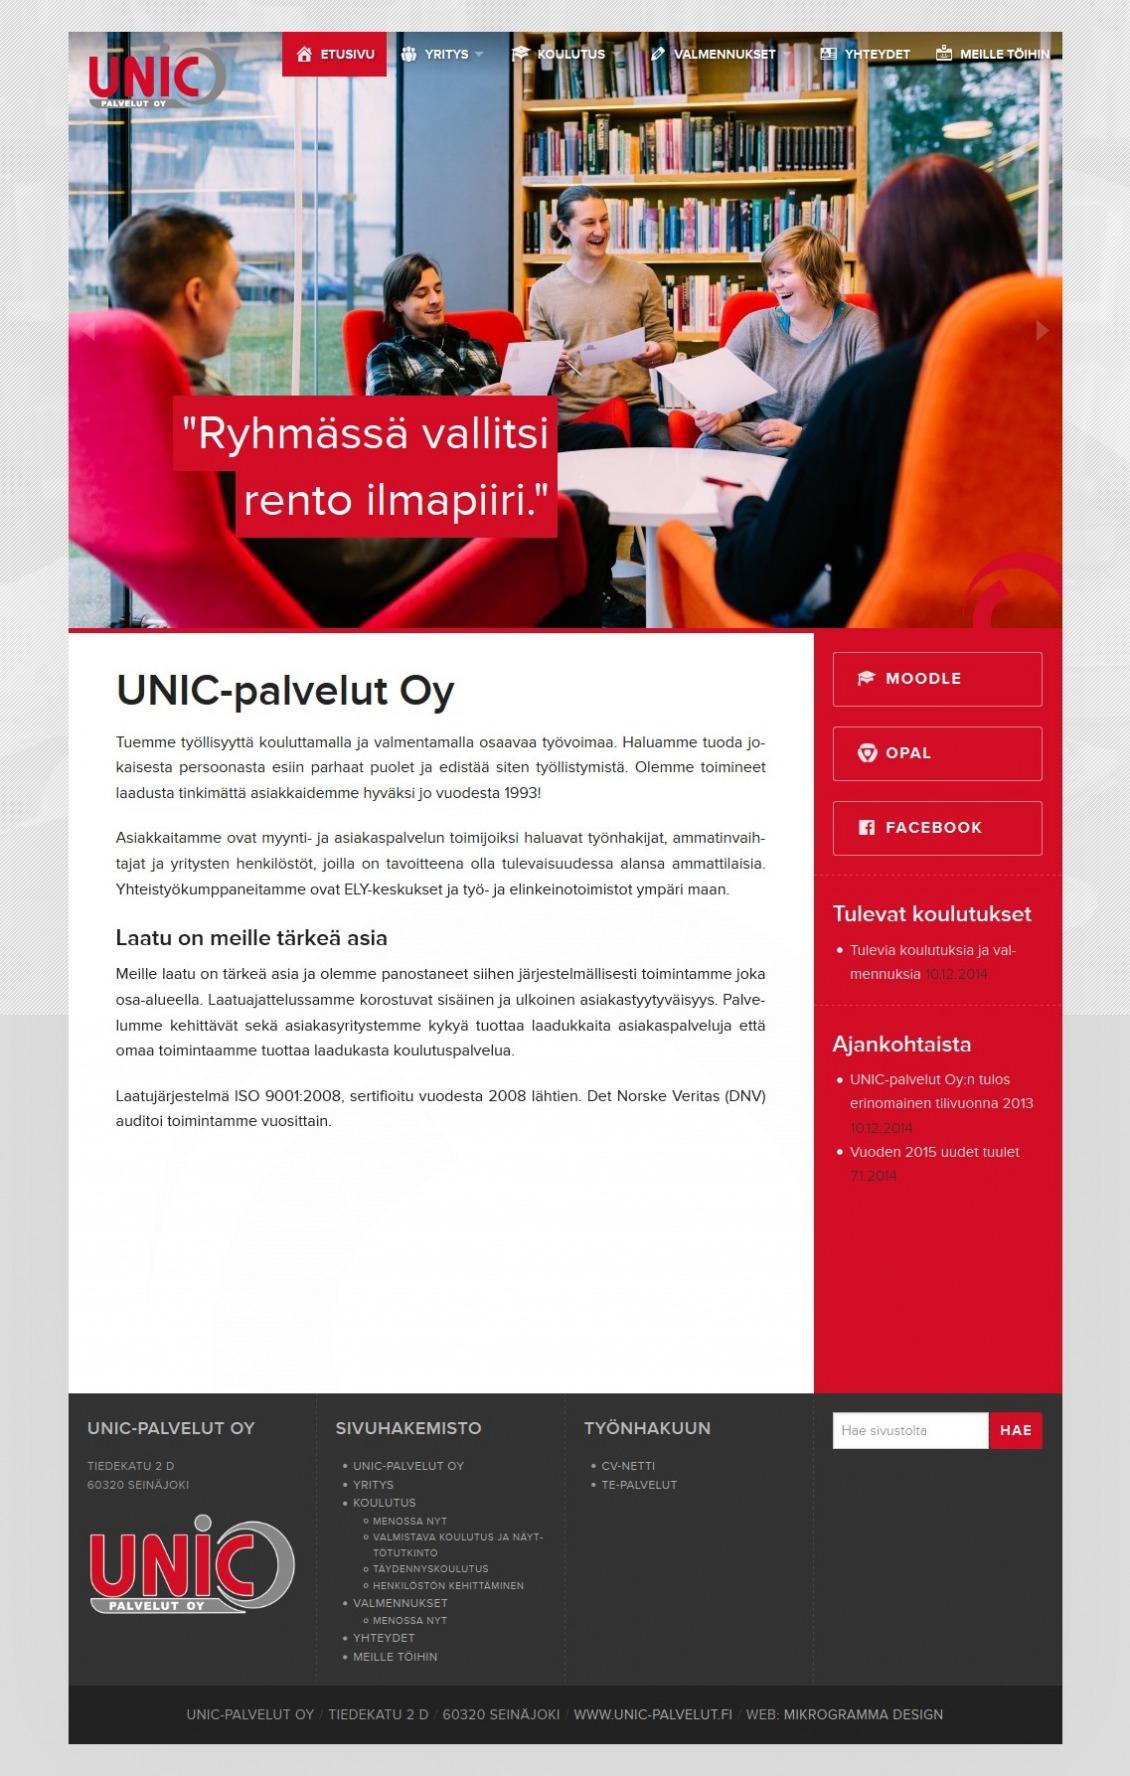 UNIC-palvelut Oy